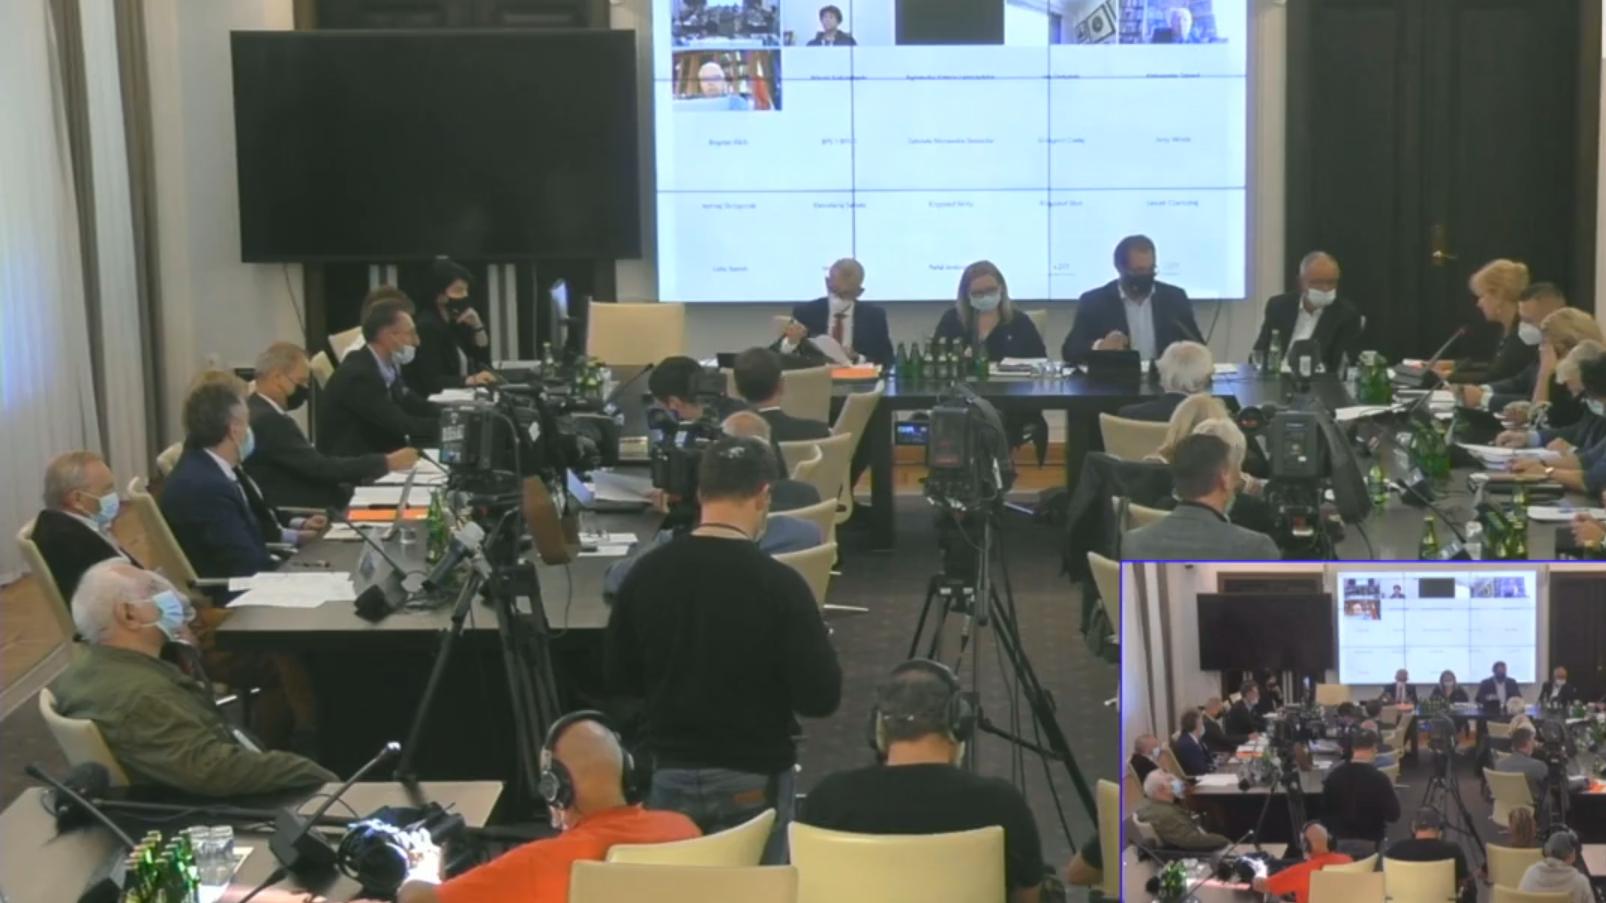 Lex TVN w Senacie. Brak przedstawicieli PiS-u, dyskutują parlamentarzyści i eksperci